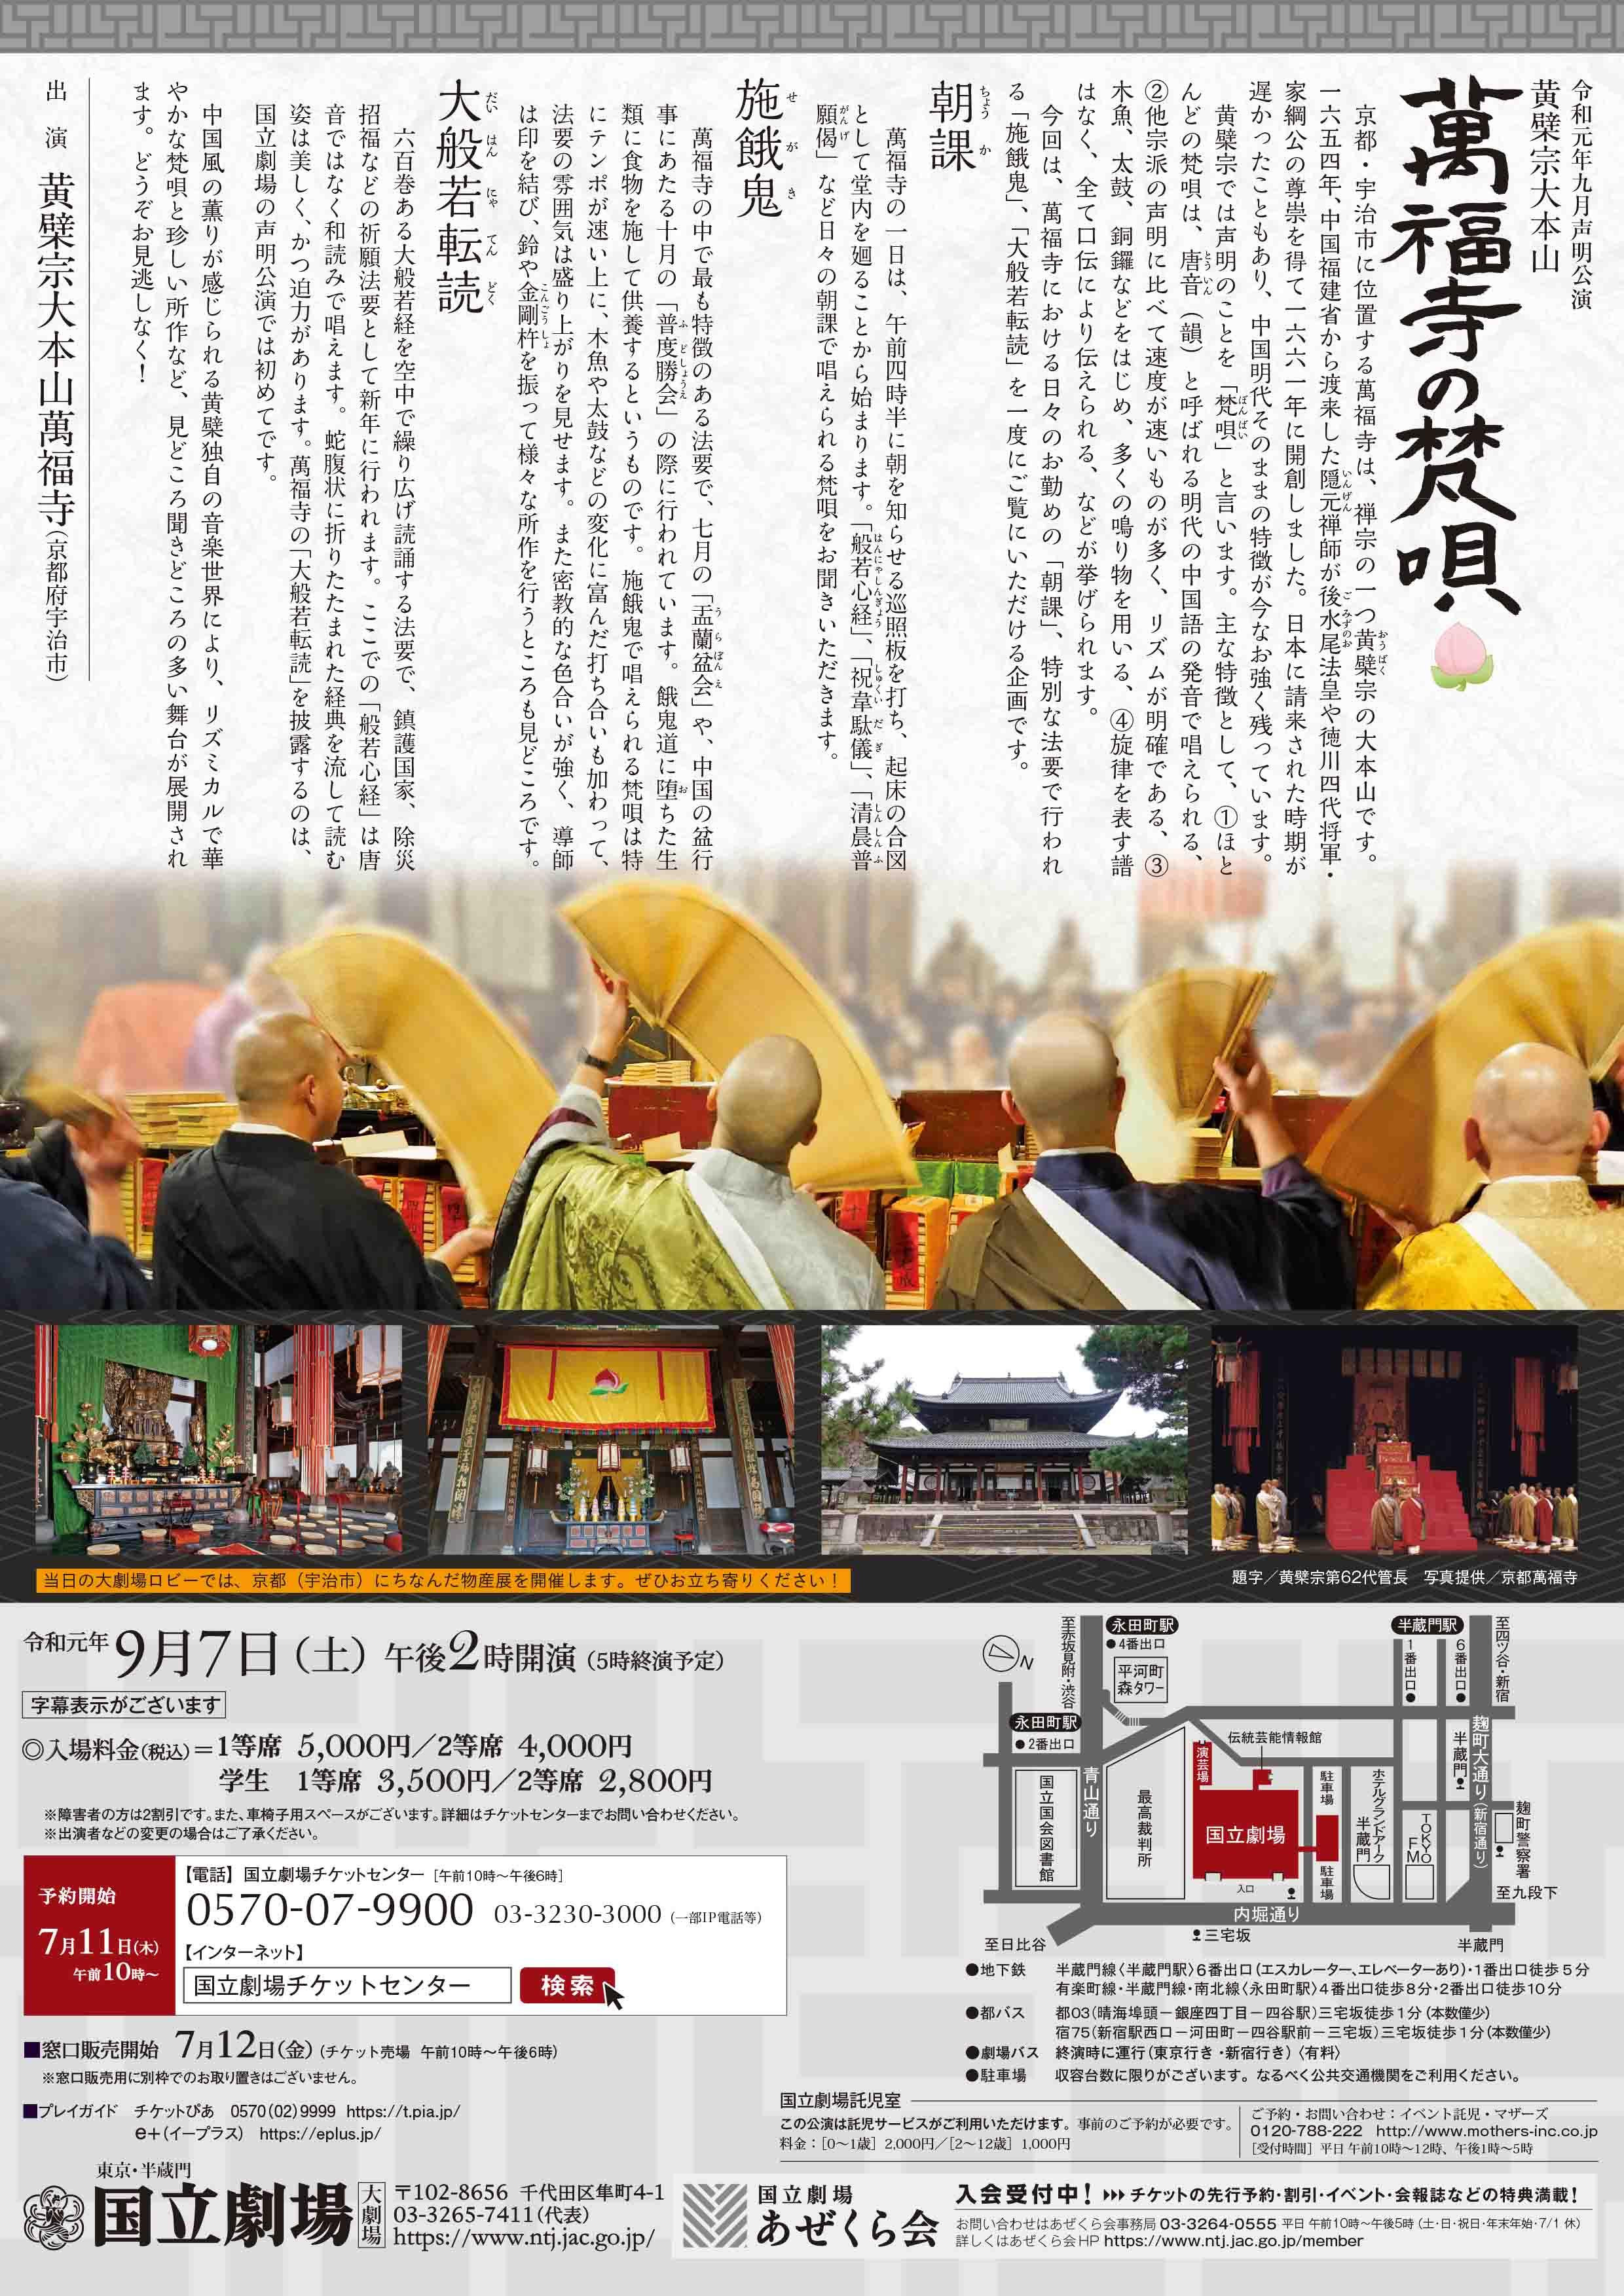 01萬福寺の梵唄ウラ